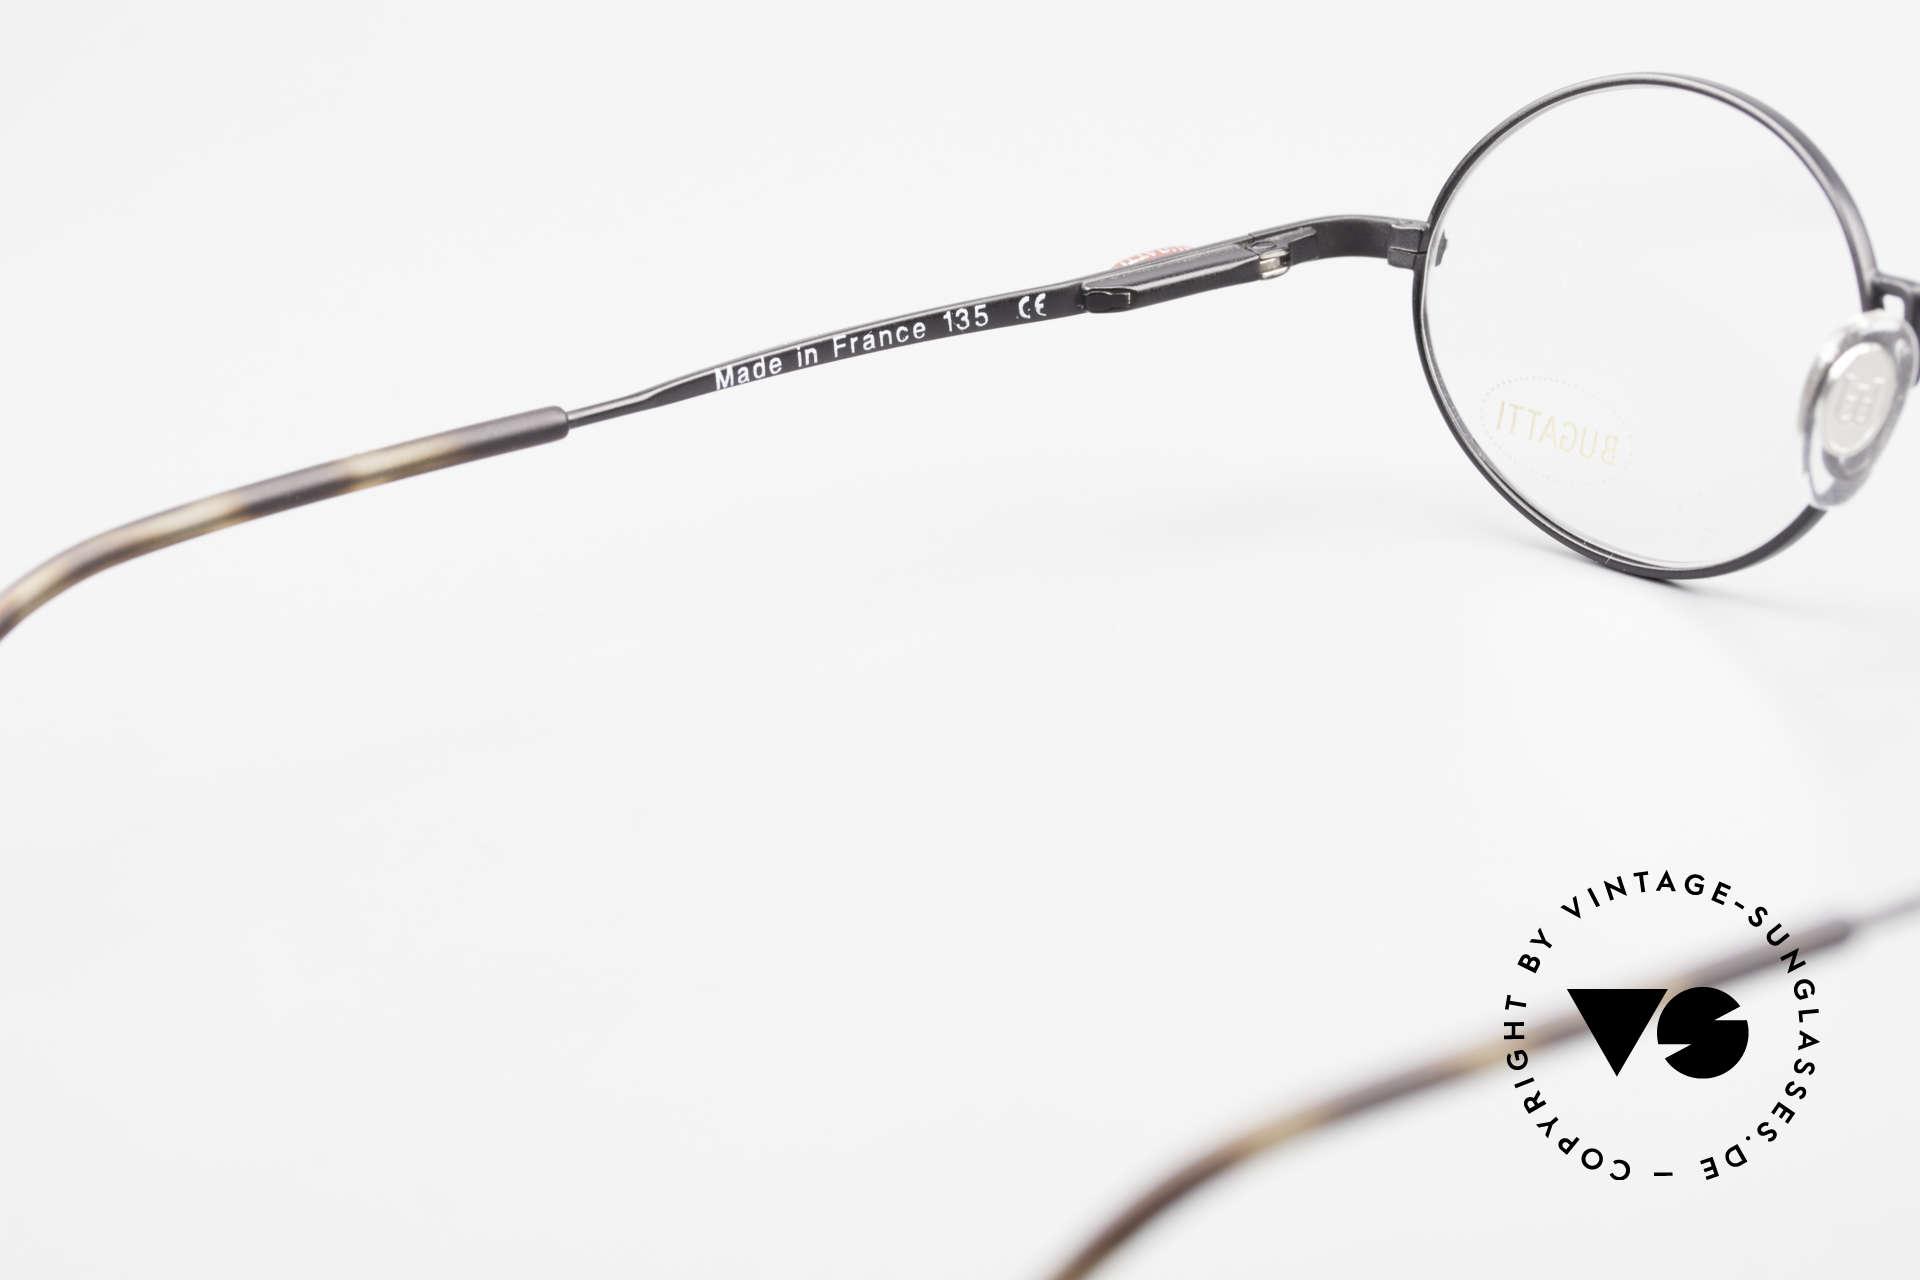 Bugatti 23191 Ovale Luxus Brillenfassung, KEINE Retrobrille, sondern ein altes ORIGINAL, Passend für Herren